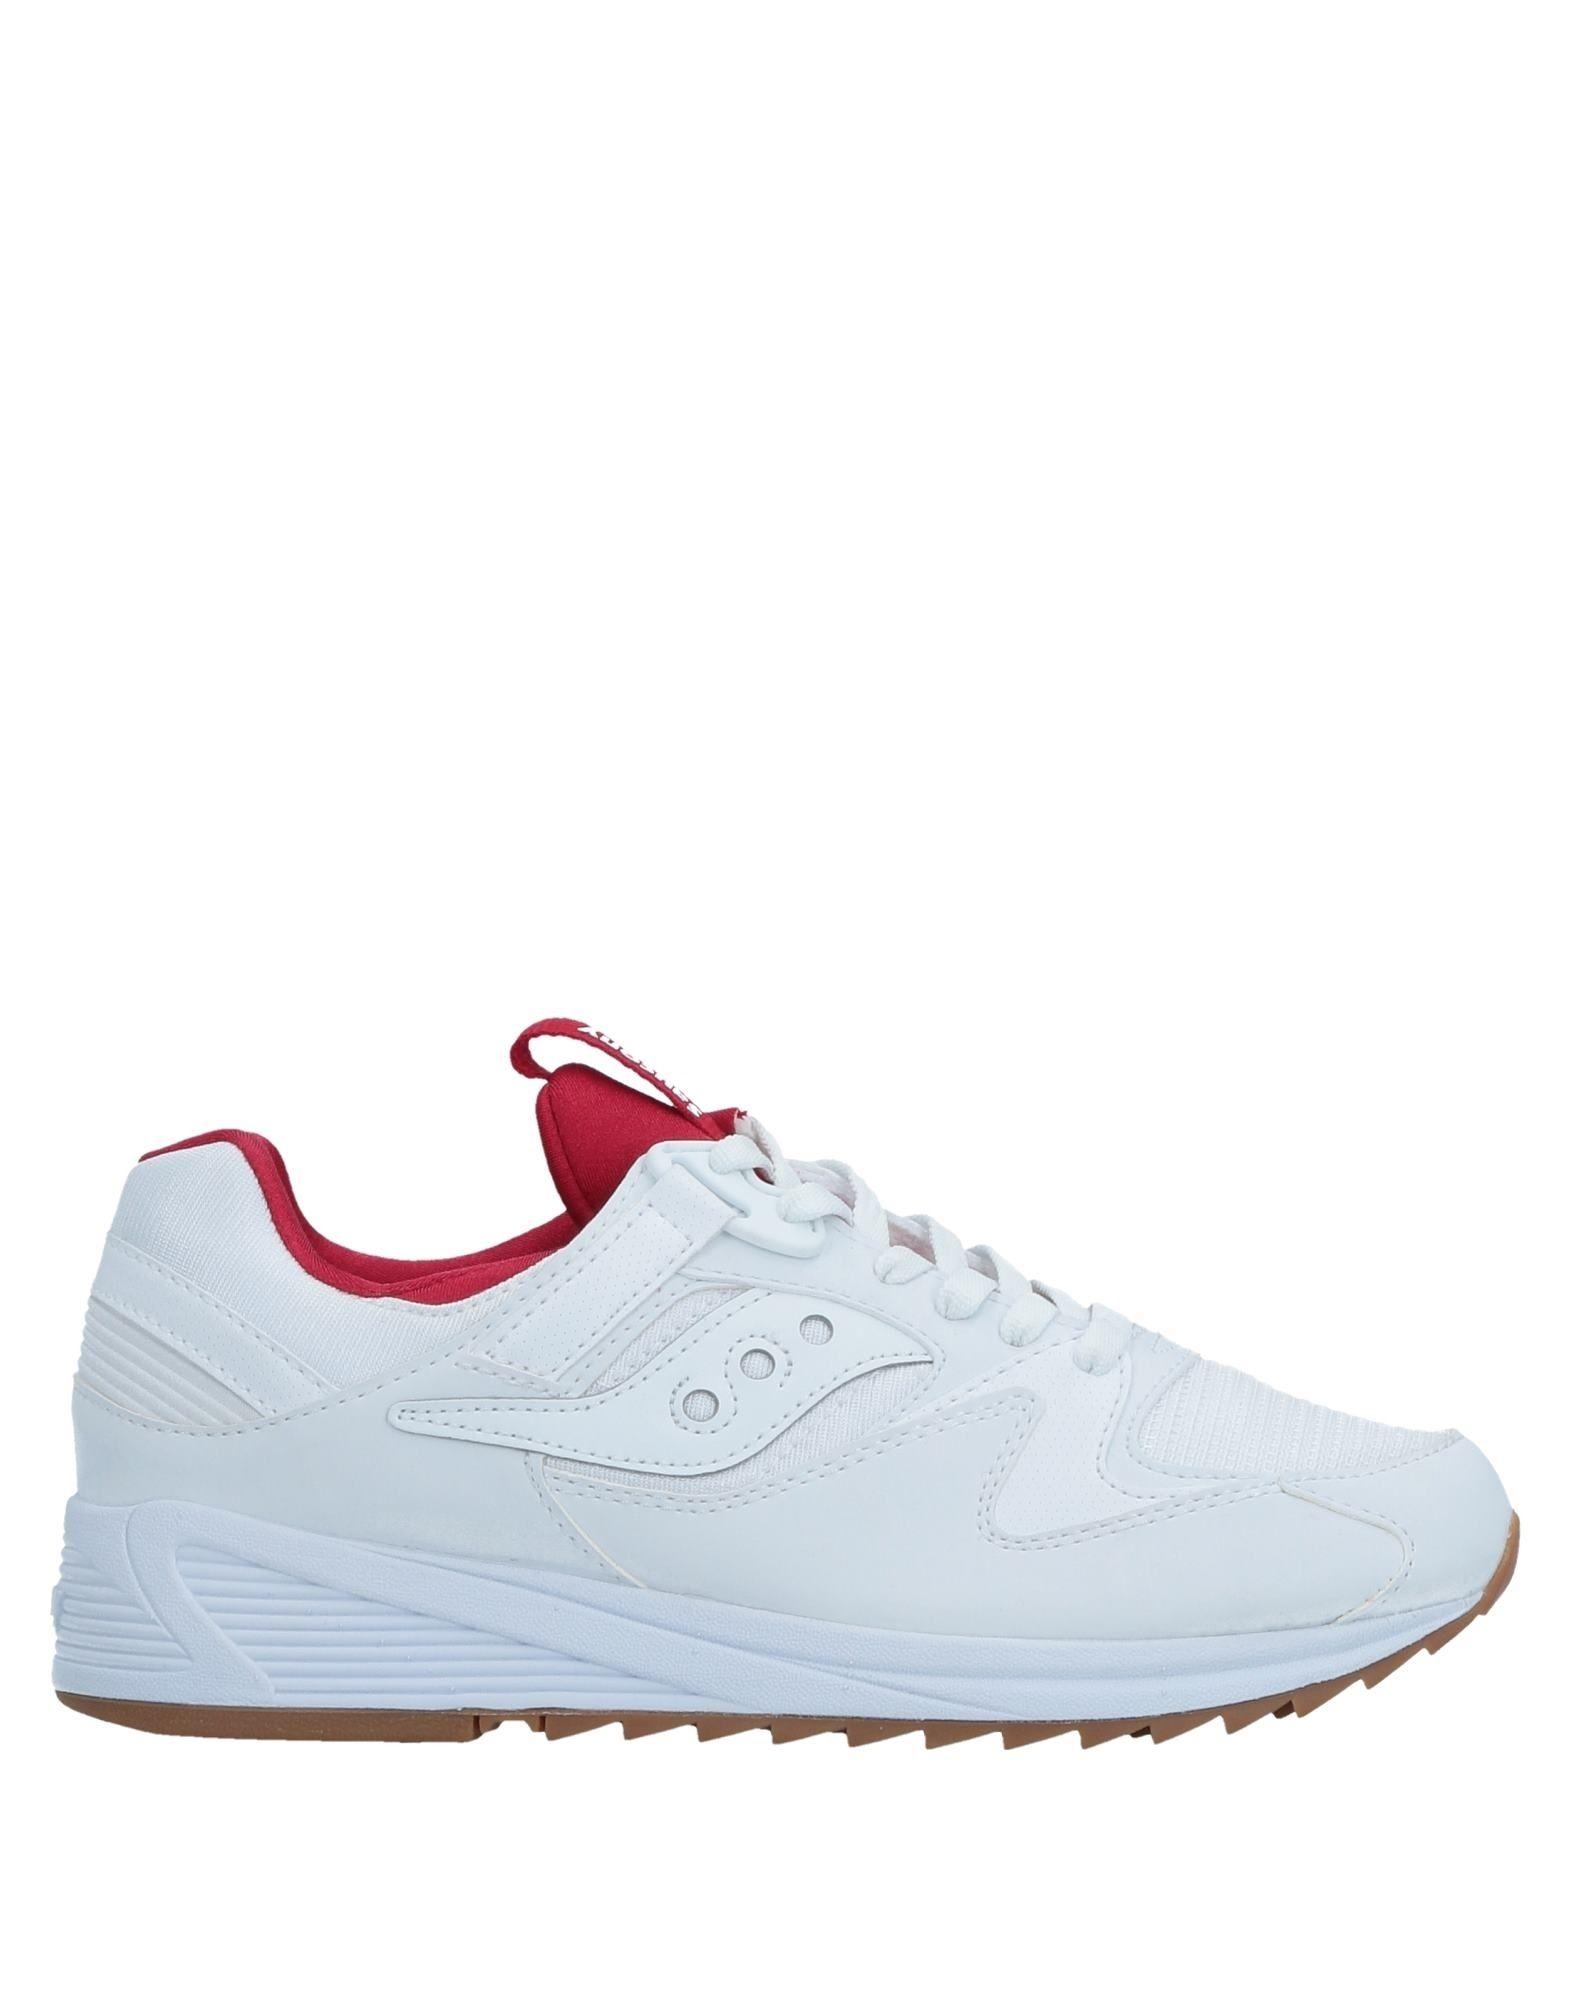 Rabatt echte Schuhe Saucony Sneakers Herren  11517462WV